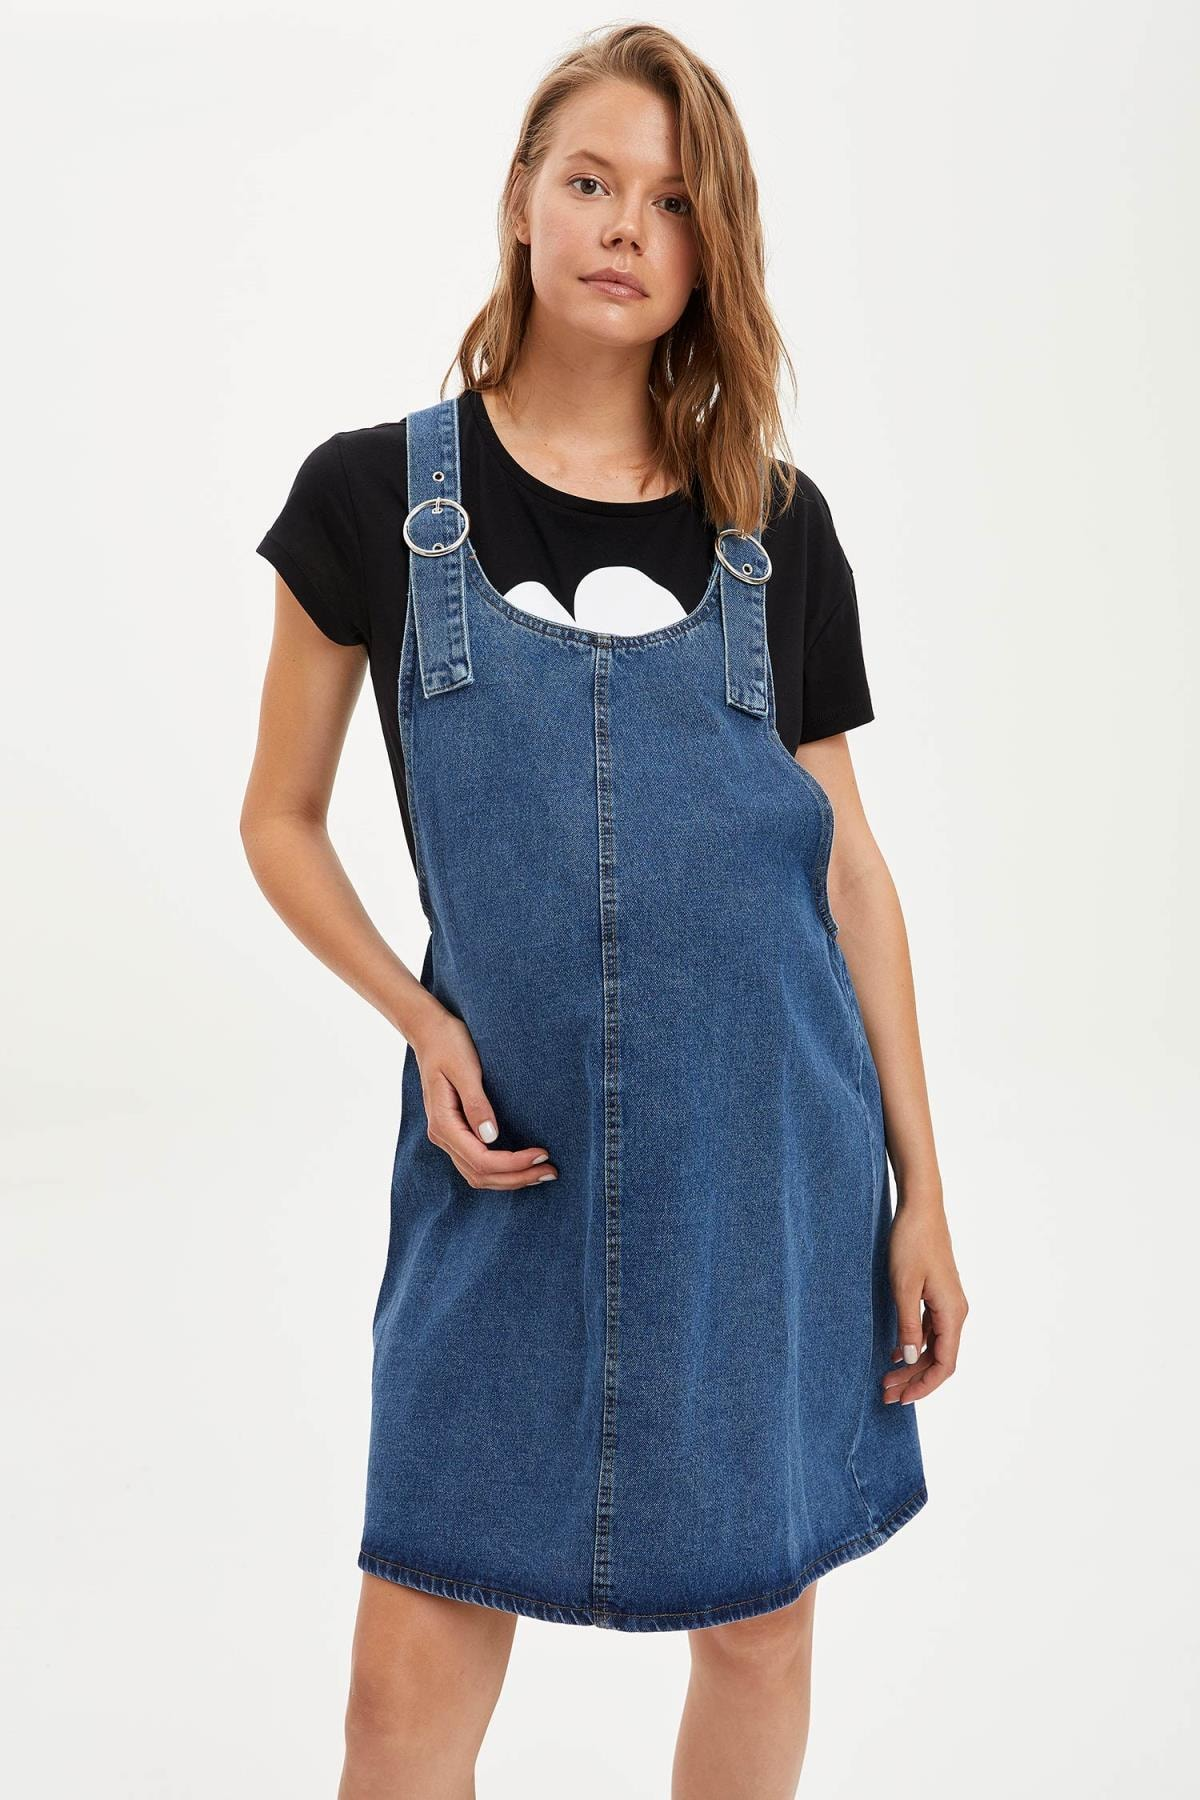 Defacto Kadın Çivit Mavisi Omuzları Kemer Detayl Hamile Jean Elbise R0413AZ20AU 0